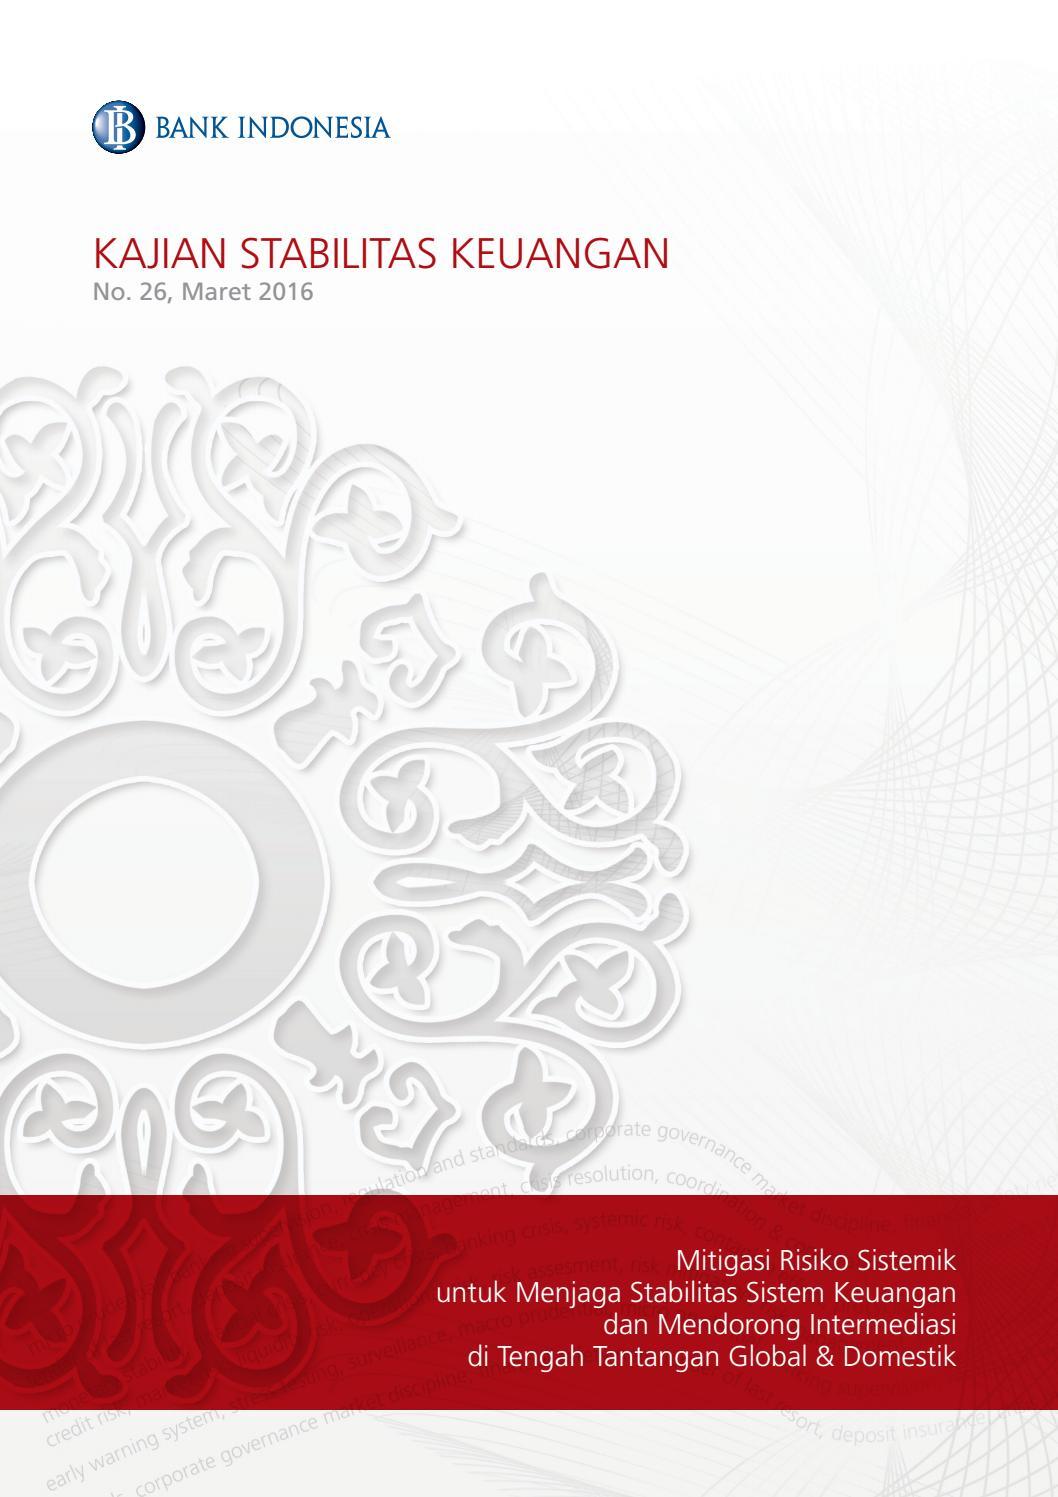 nomor layanan pelanggan valas sbi option artinya dalam bahasa indonesia